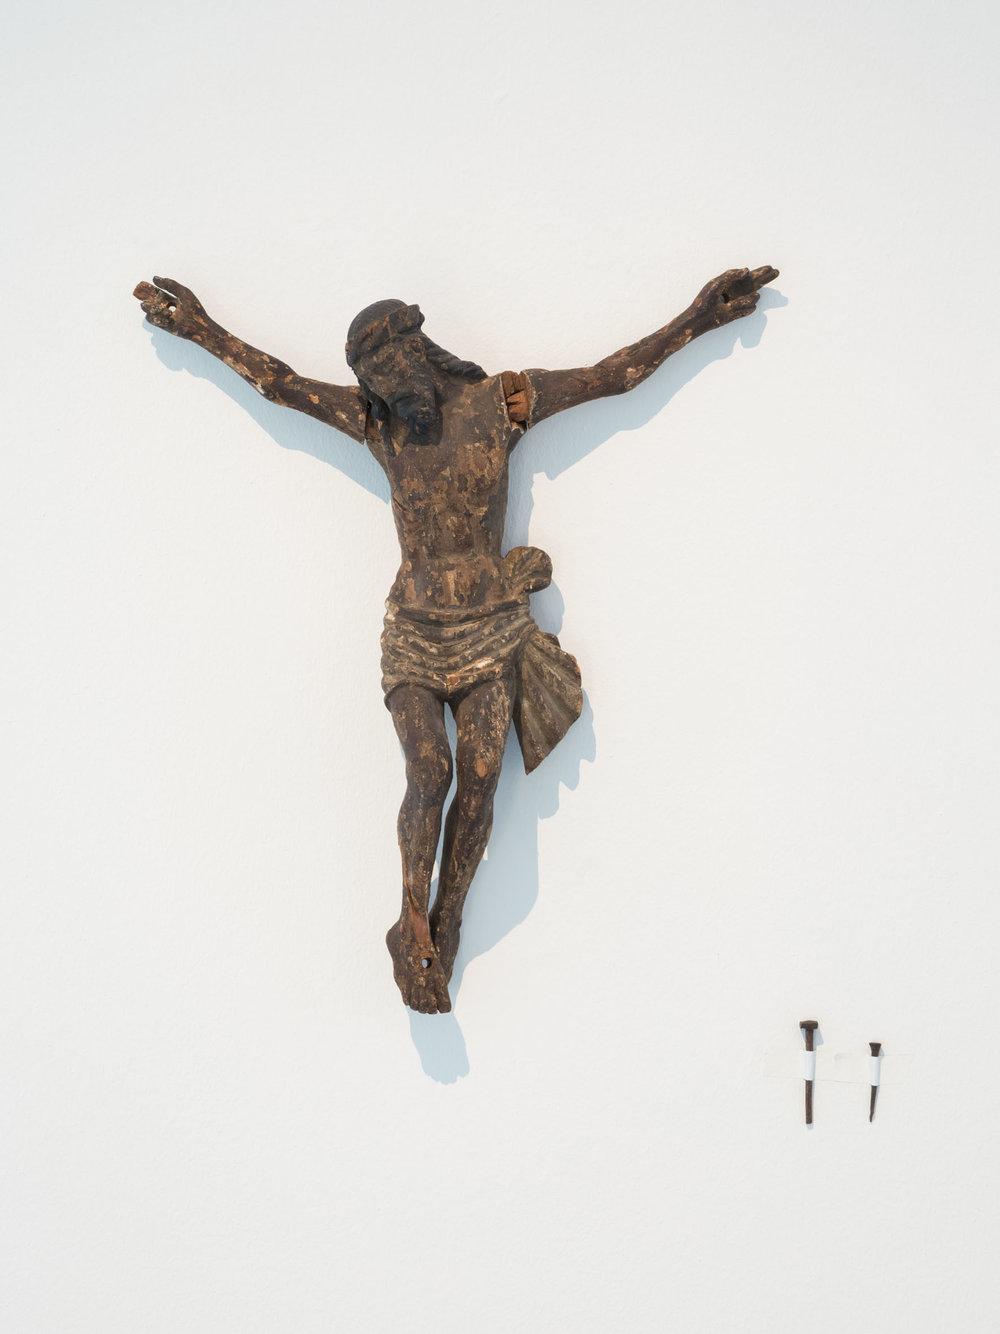 Ein Nagel tut's auch , 2015  Wood, 2 nails  Jesus:  47 × 42 × 9,5 cm (18 ½ × 16 ½ × 3 ¾ inches)  Nail 1: 6,5 cm  Nail 2: 5 cm  Unique